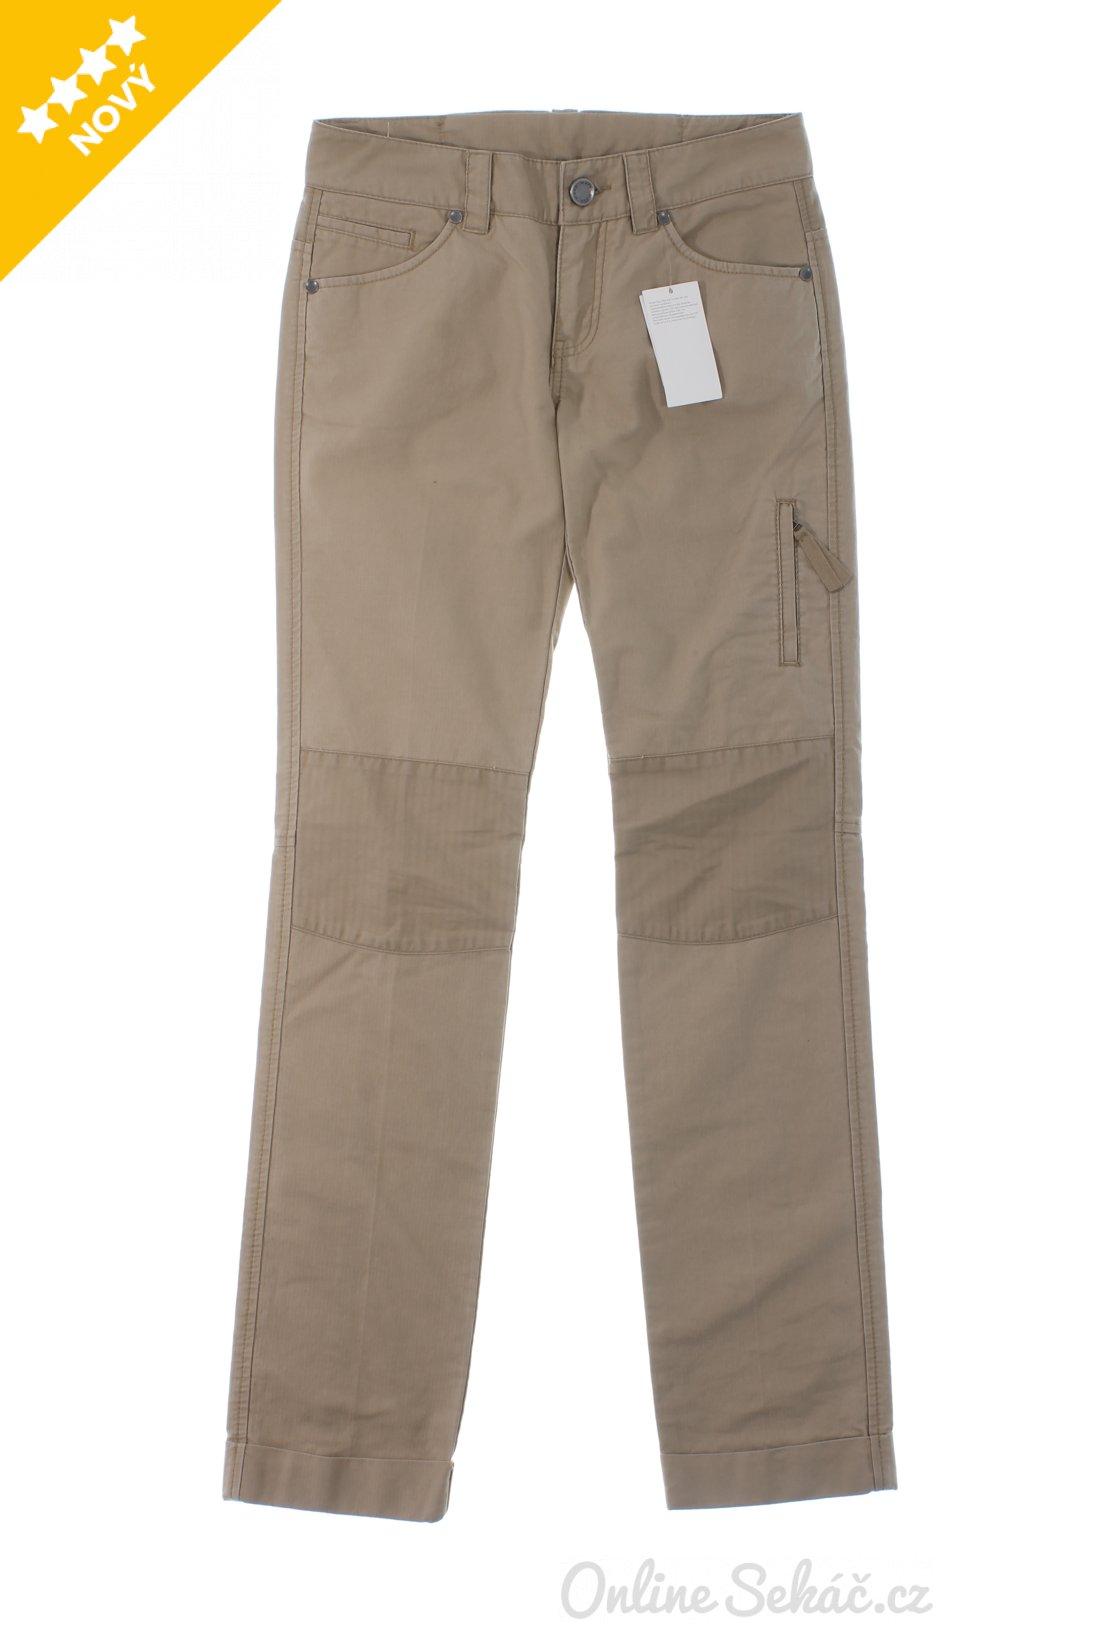 Dámské plátěné kalhoty MEXX nový XXS bf4bbdcadd